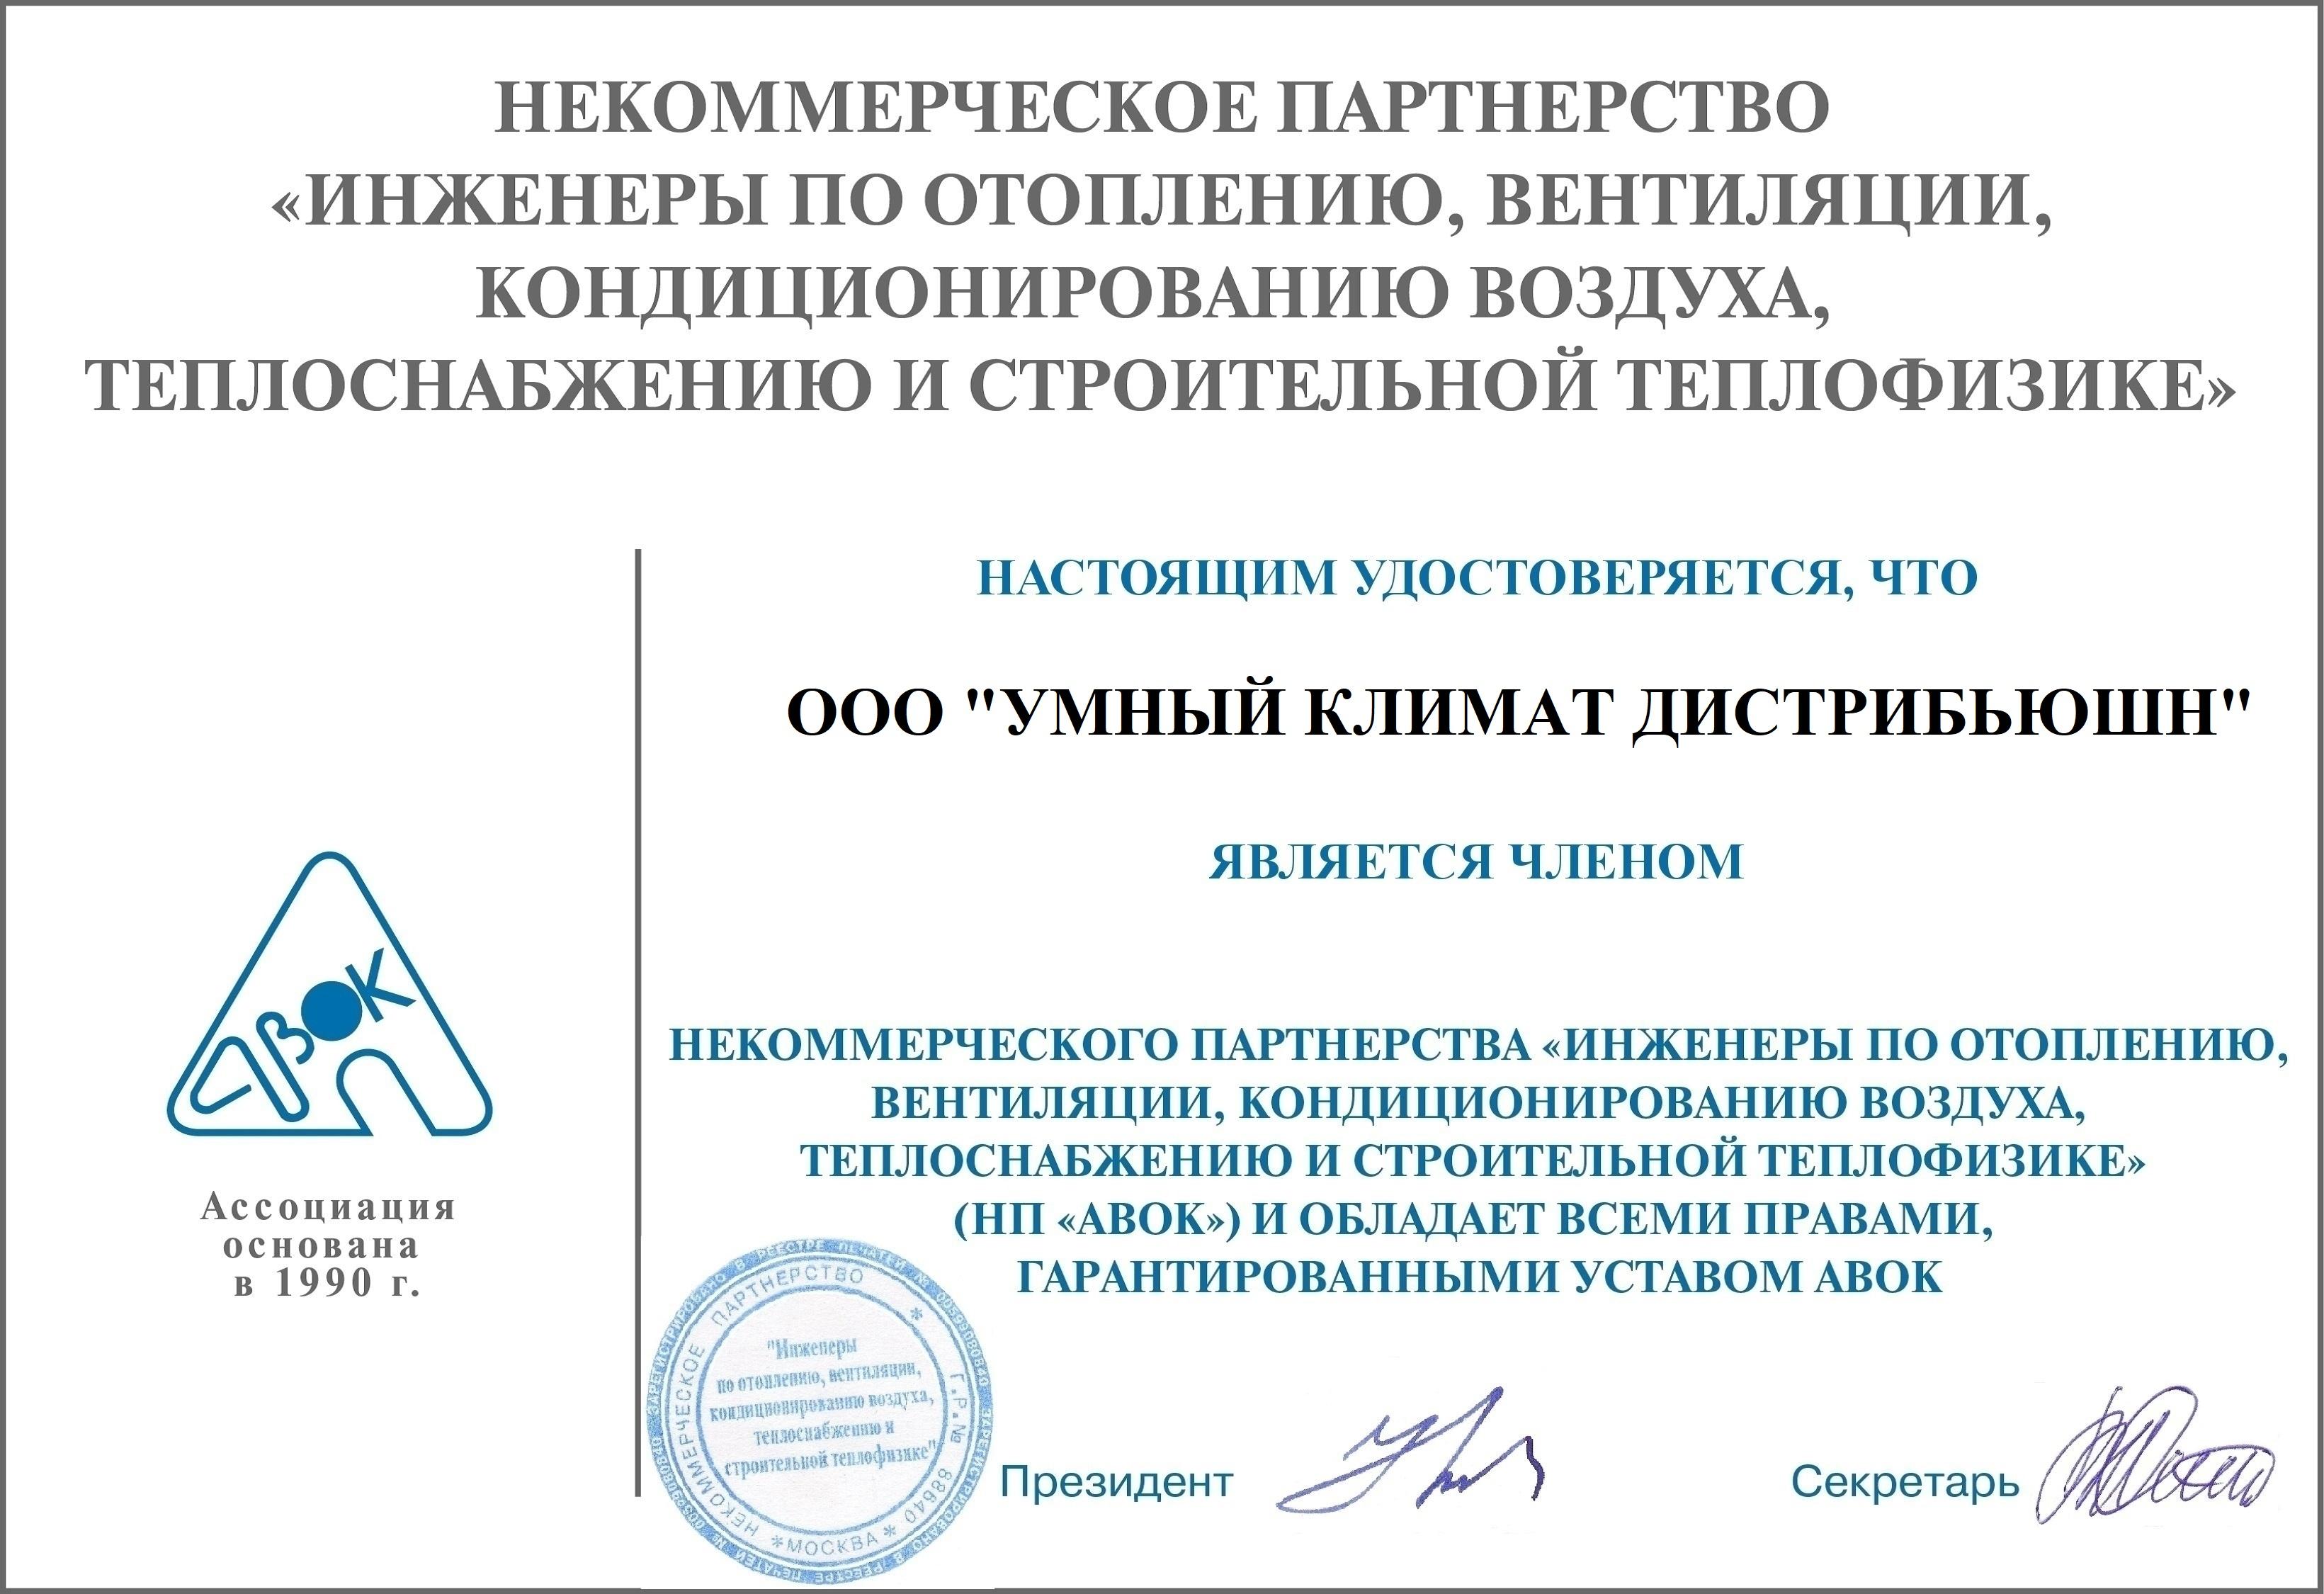 Компания стала членом Некоммерческого Партнёрства «АВОК»